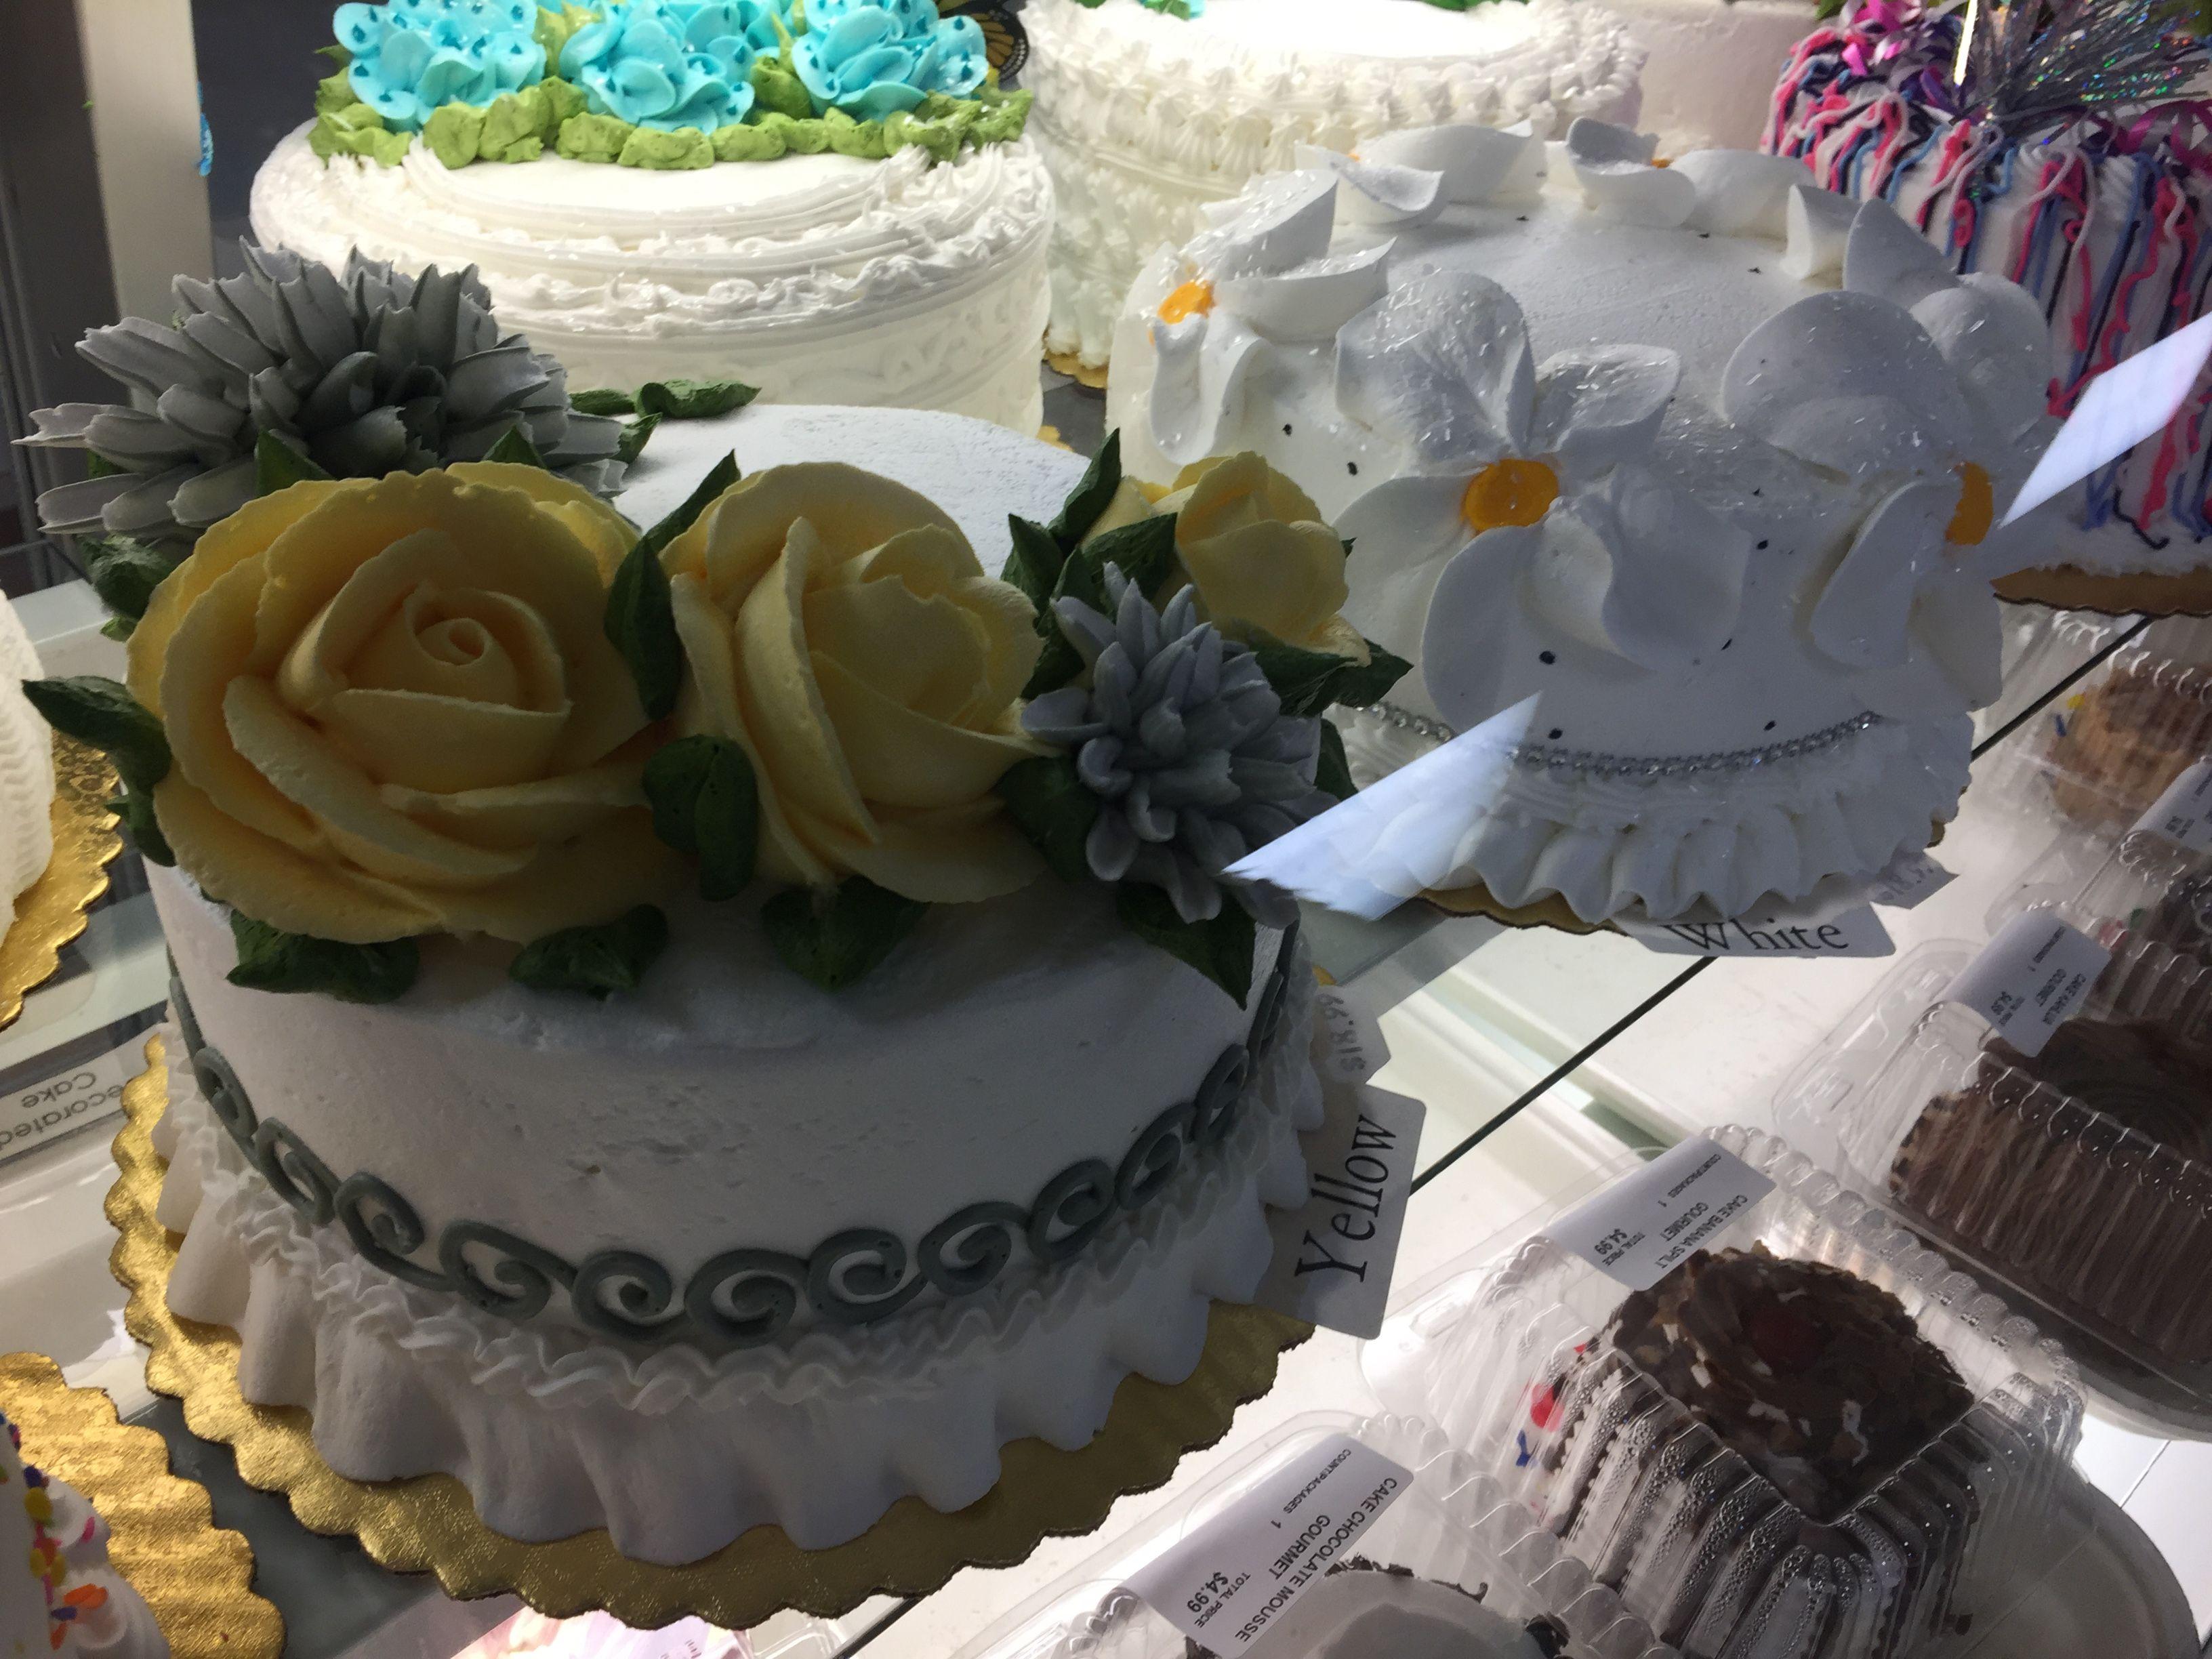 Hartville kitchen bakery in Hartville Ohio OHIO OPPORTUNITIES FOR